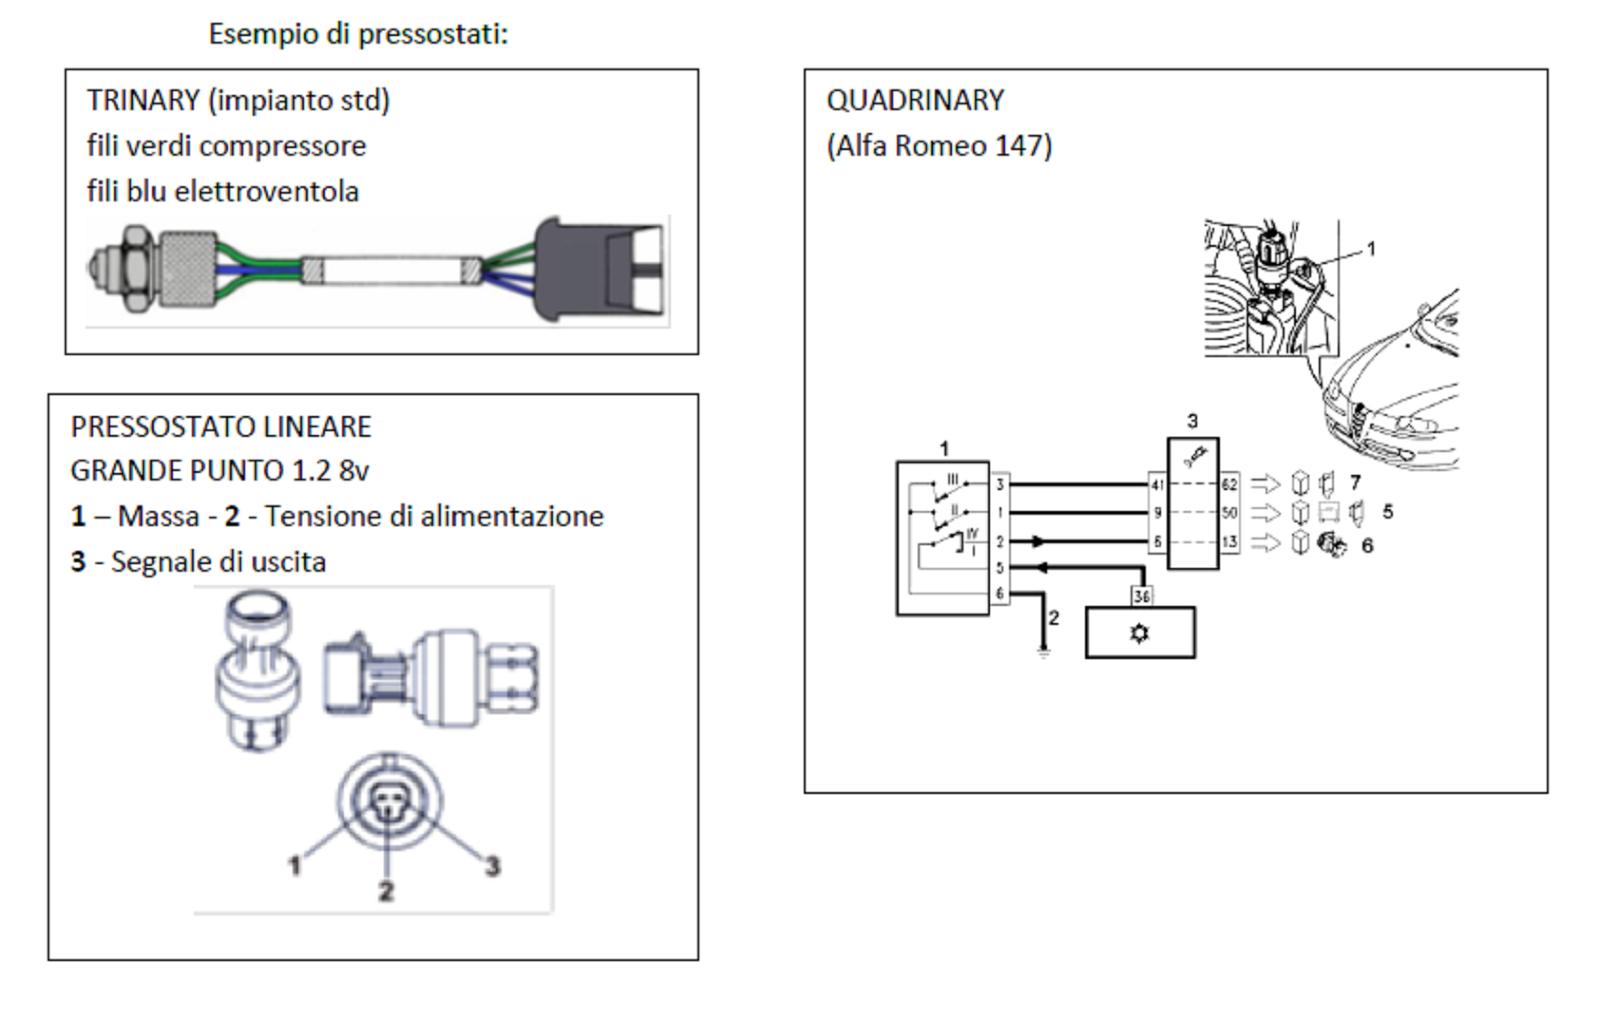 Schema Elettrico Pressostato Lavatrice : Iniezione pressostato